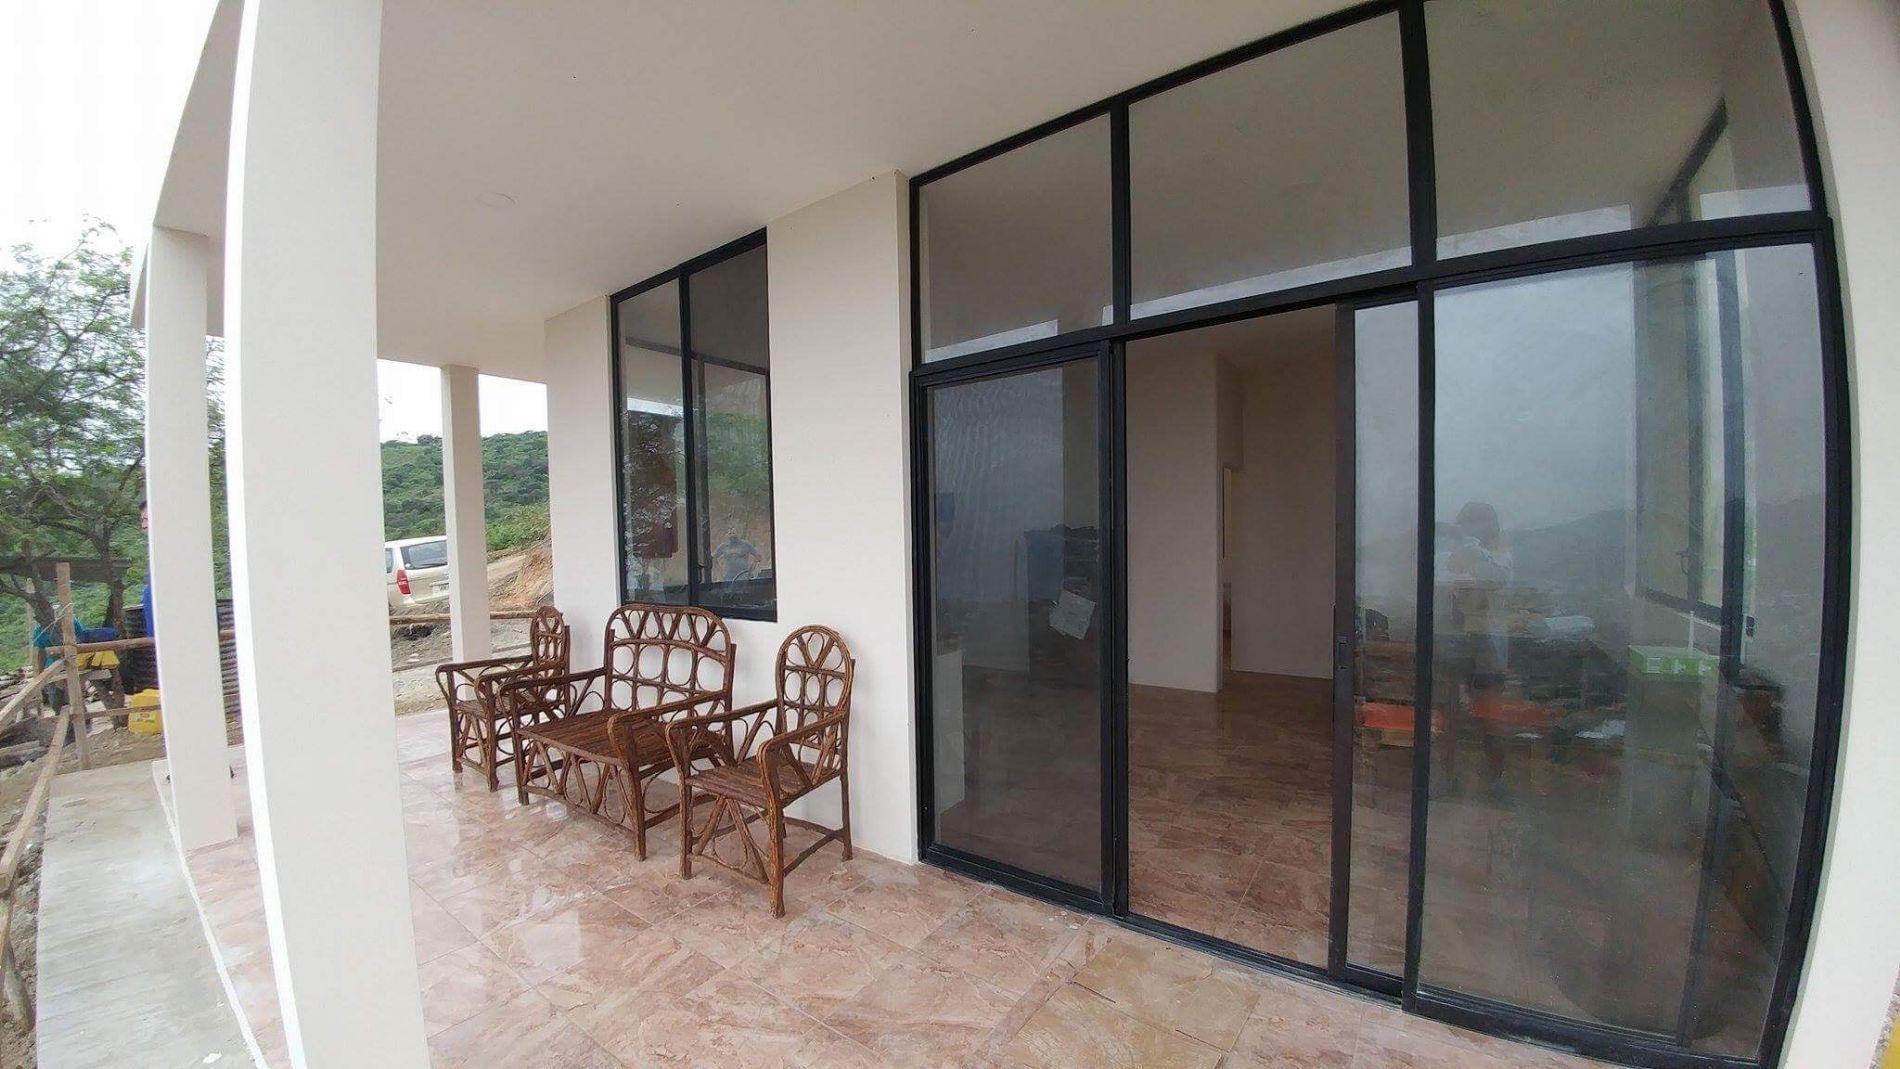 Puerto-Lopez-Ecuador-property-513689-5.JPG